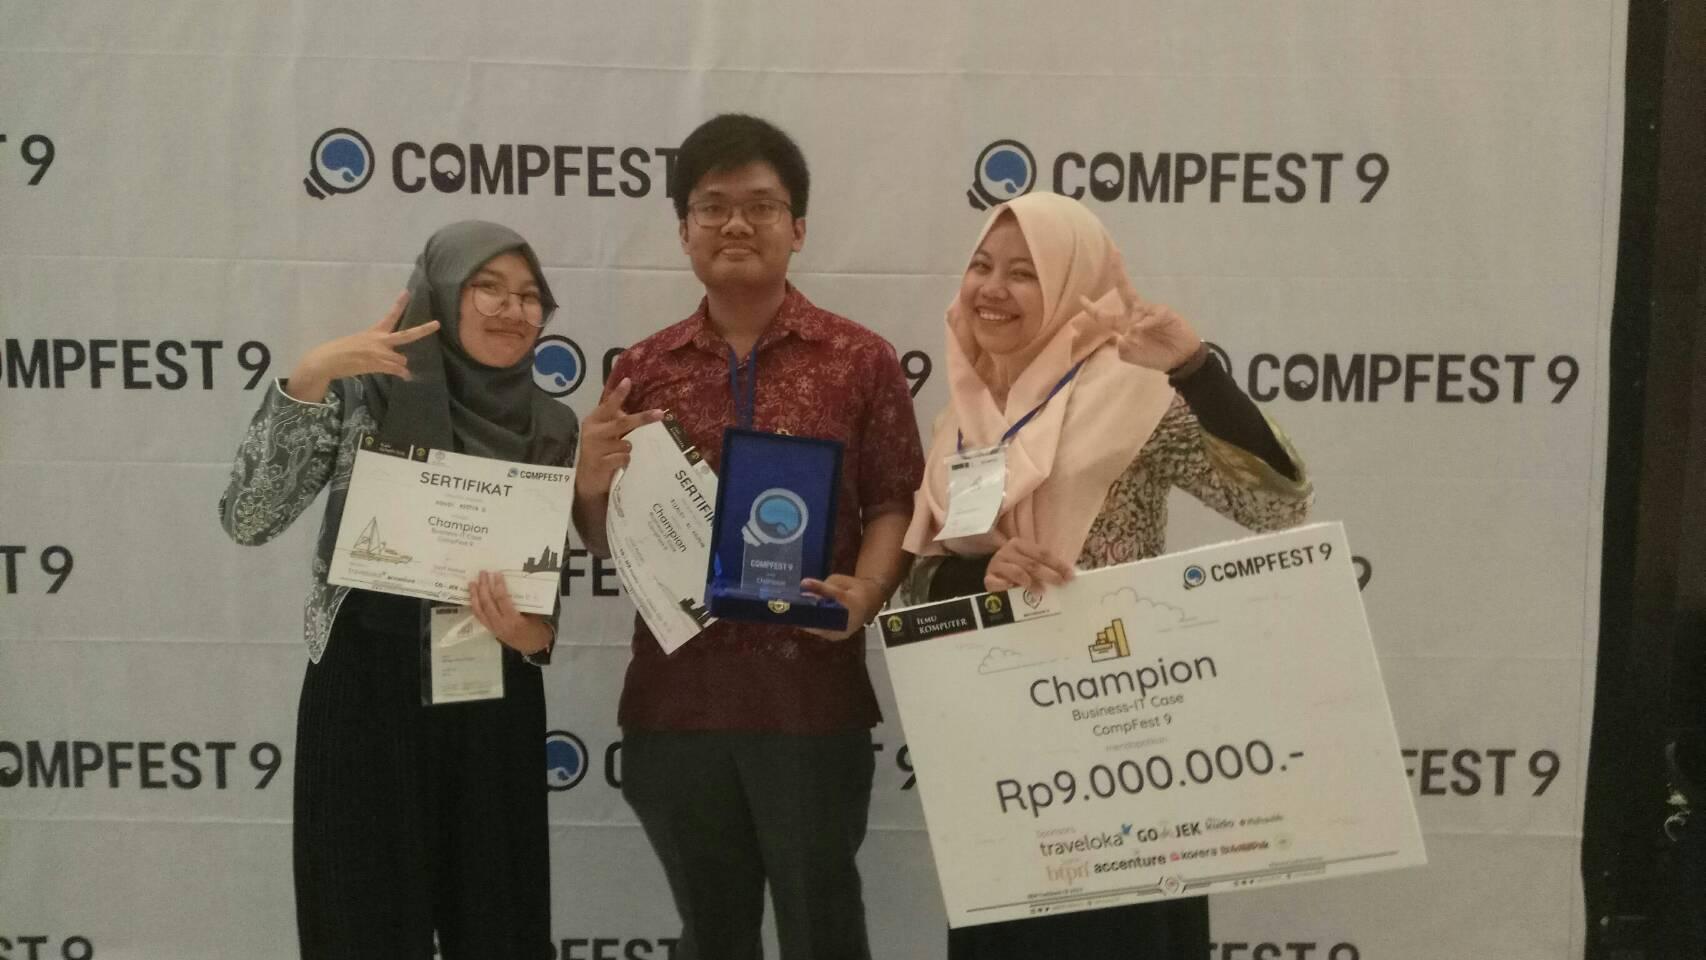 Tidak Puas dengan Juara 3, Tim RNA Bangkit Kembali dan Menangkan Juara 1 Business IT Case di Compfest 9